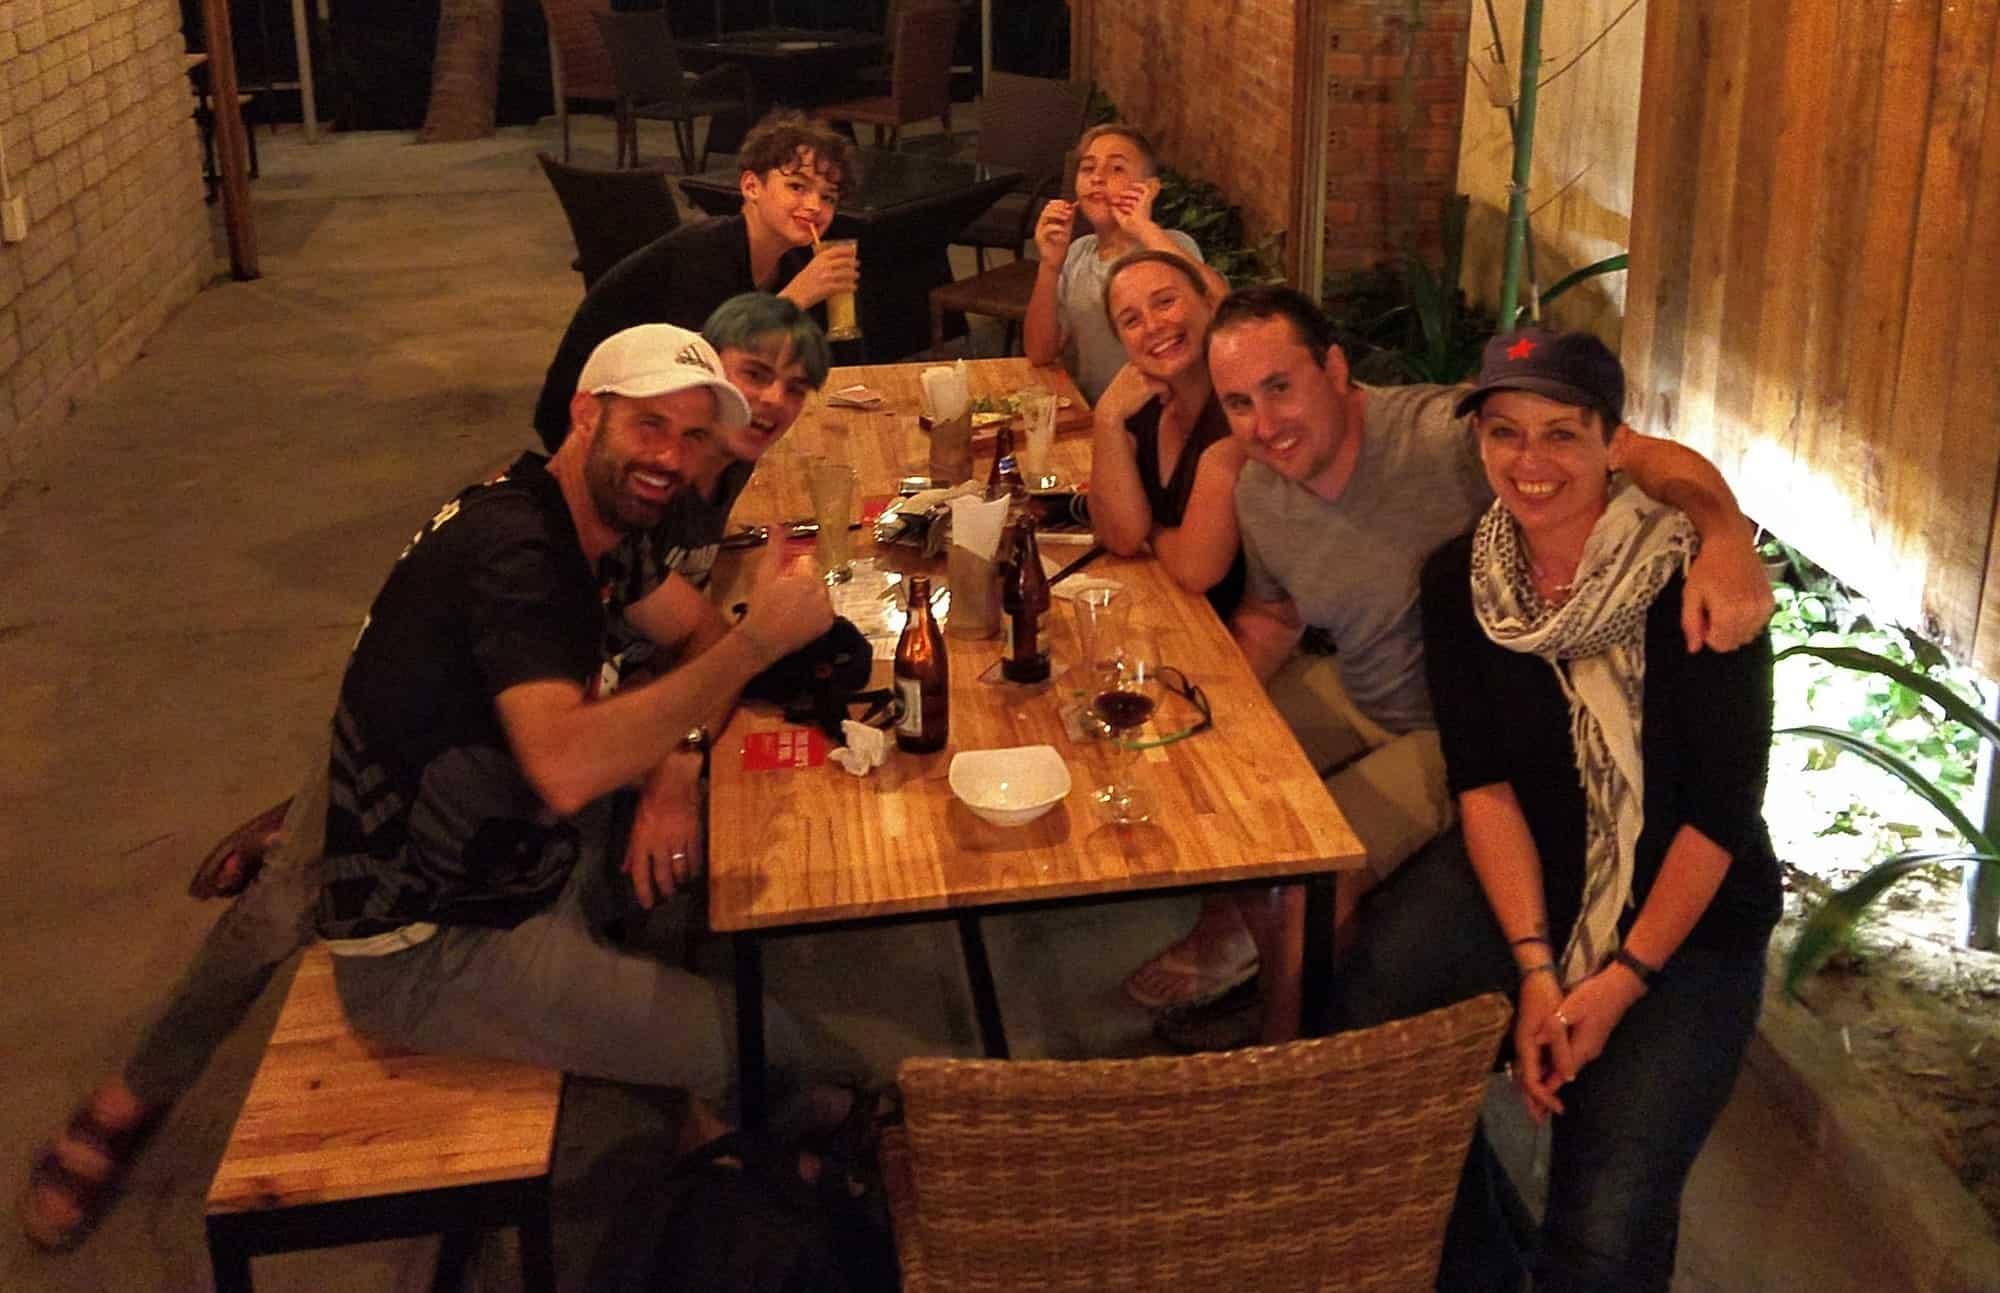 The Happy Buffalo Hoi An Where the Jones World Travel Family